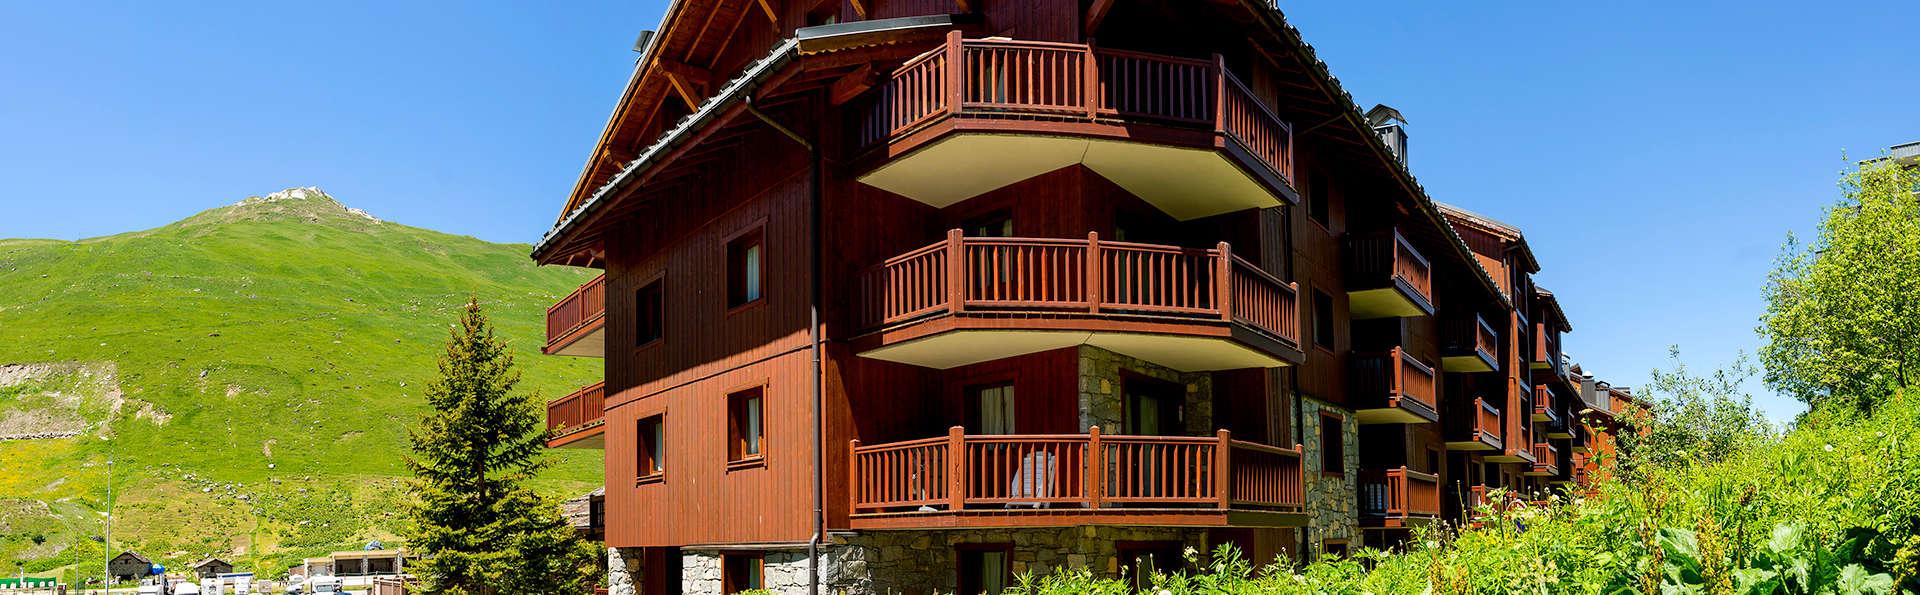 Charme et découverte des Alpes dans une magnifique résidence